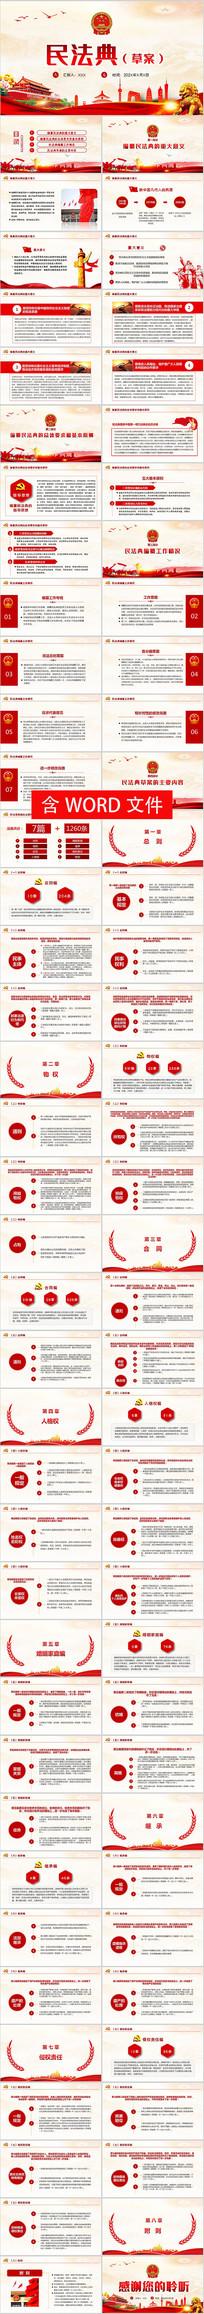 中华人民共和国民法典草案学习解读党建